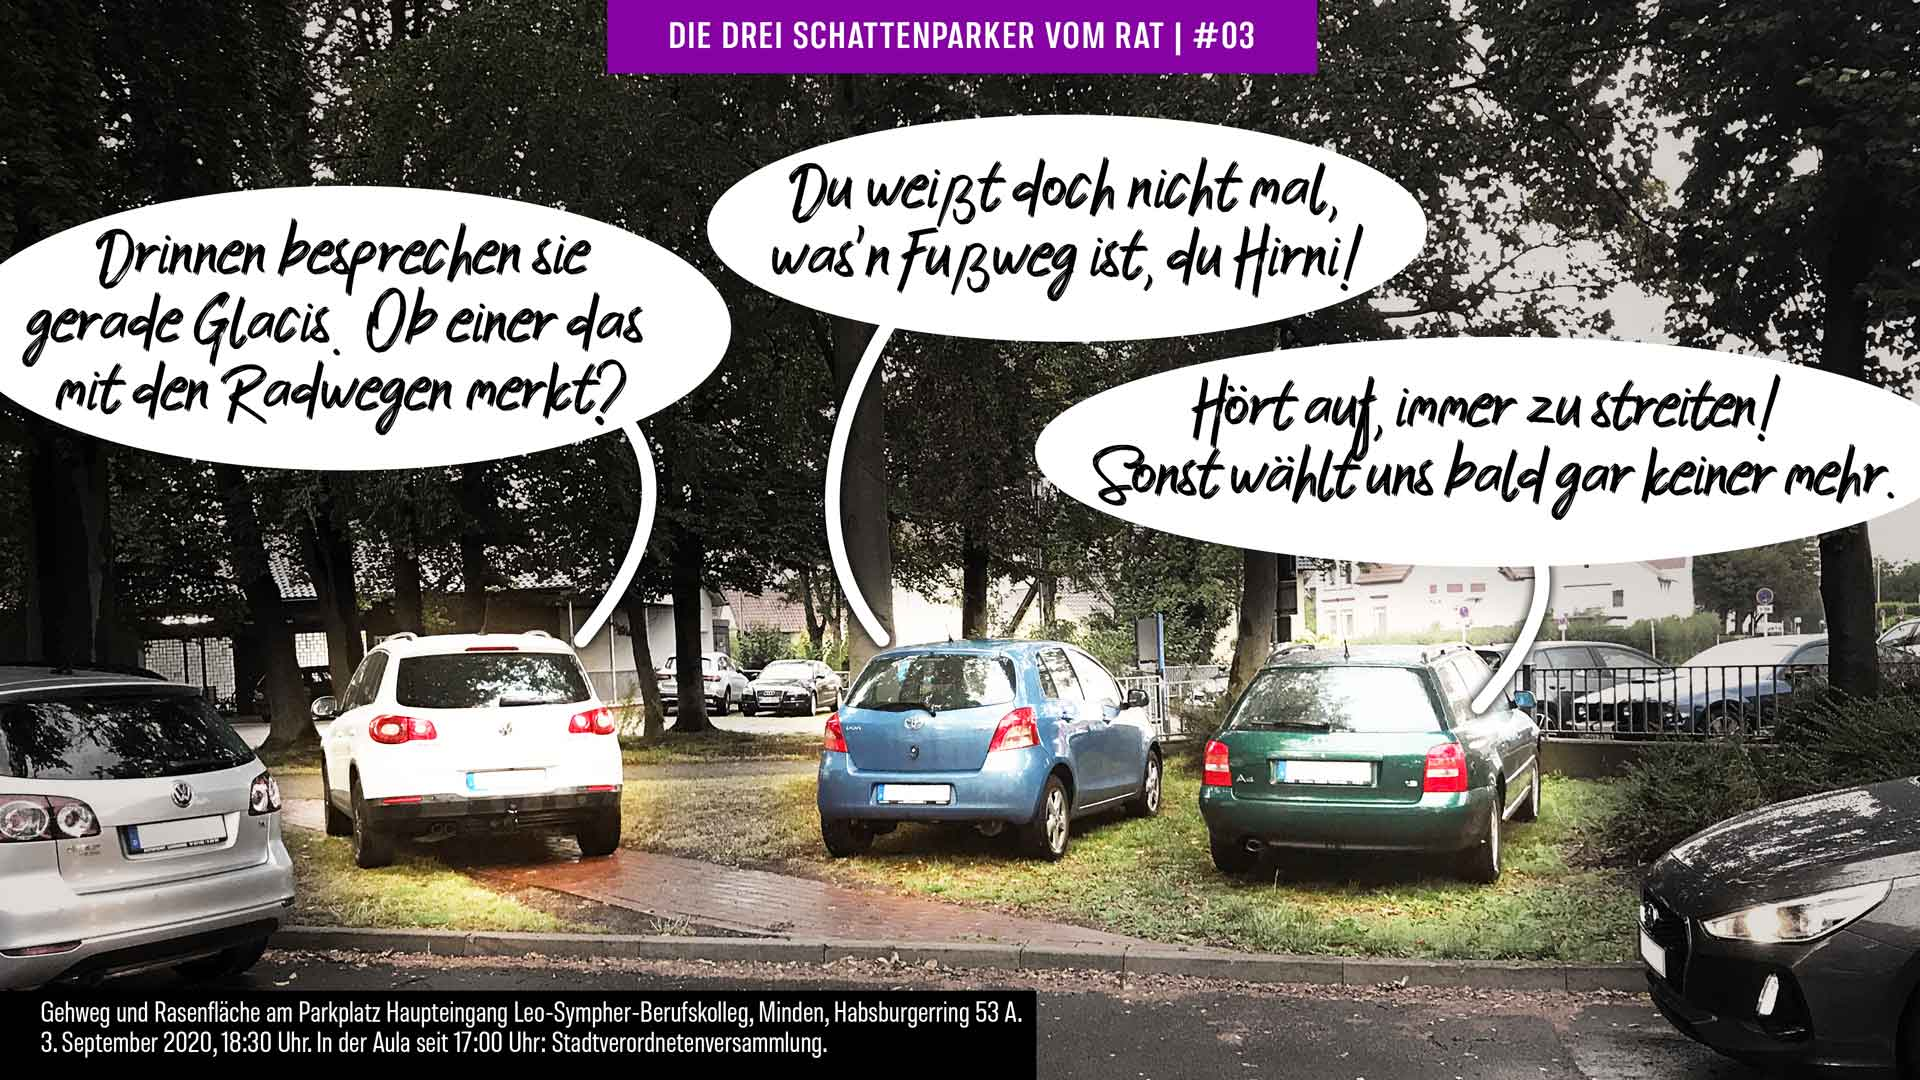 Foto-Cartoon: Mindens Stadtverordnete können nicht mal richtig parken #03